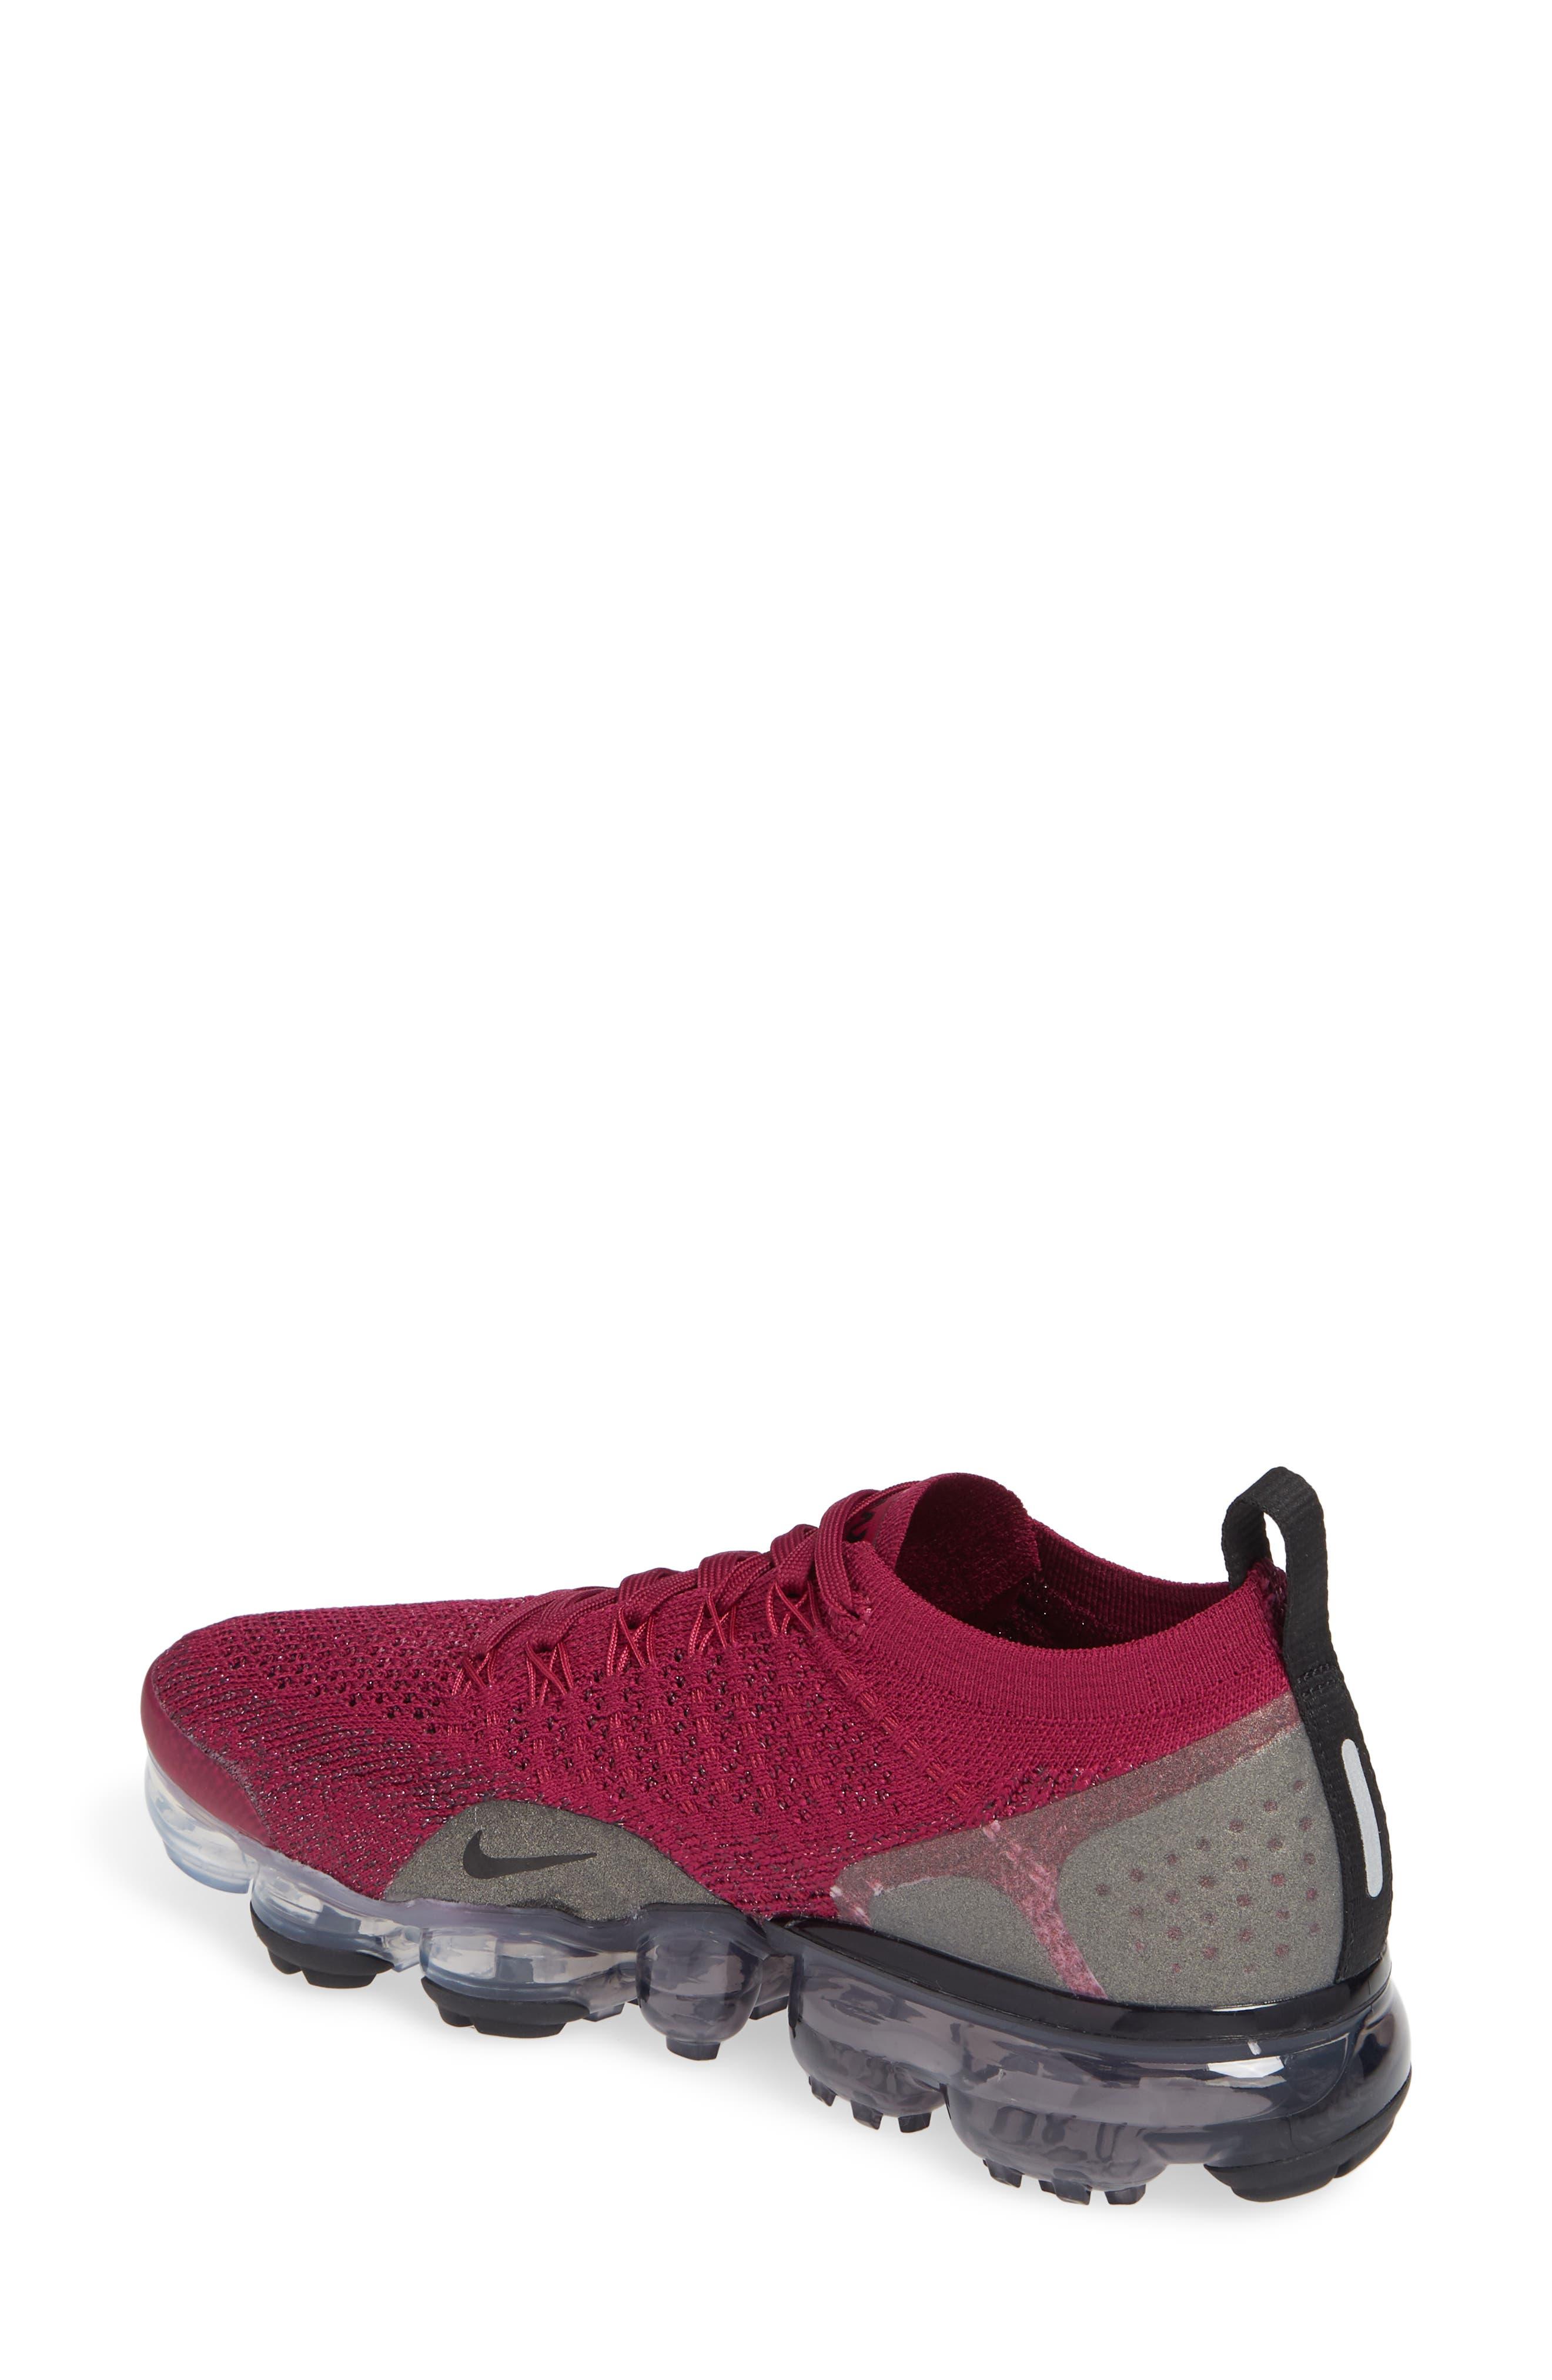 best sneakers ec1b4 0ff9c Running Nike Shoes   Sneakers   Nordstrom